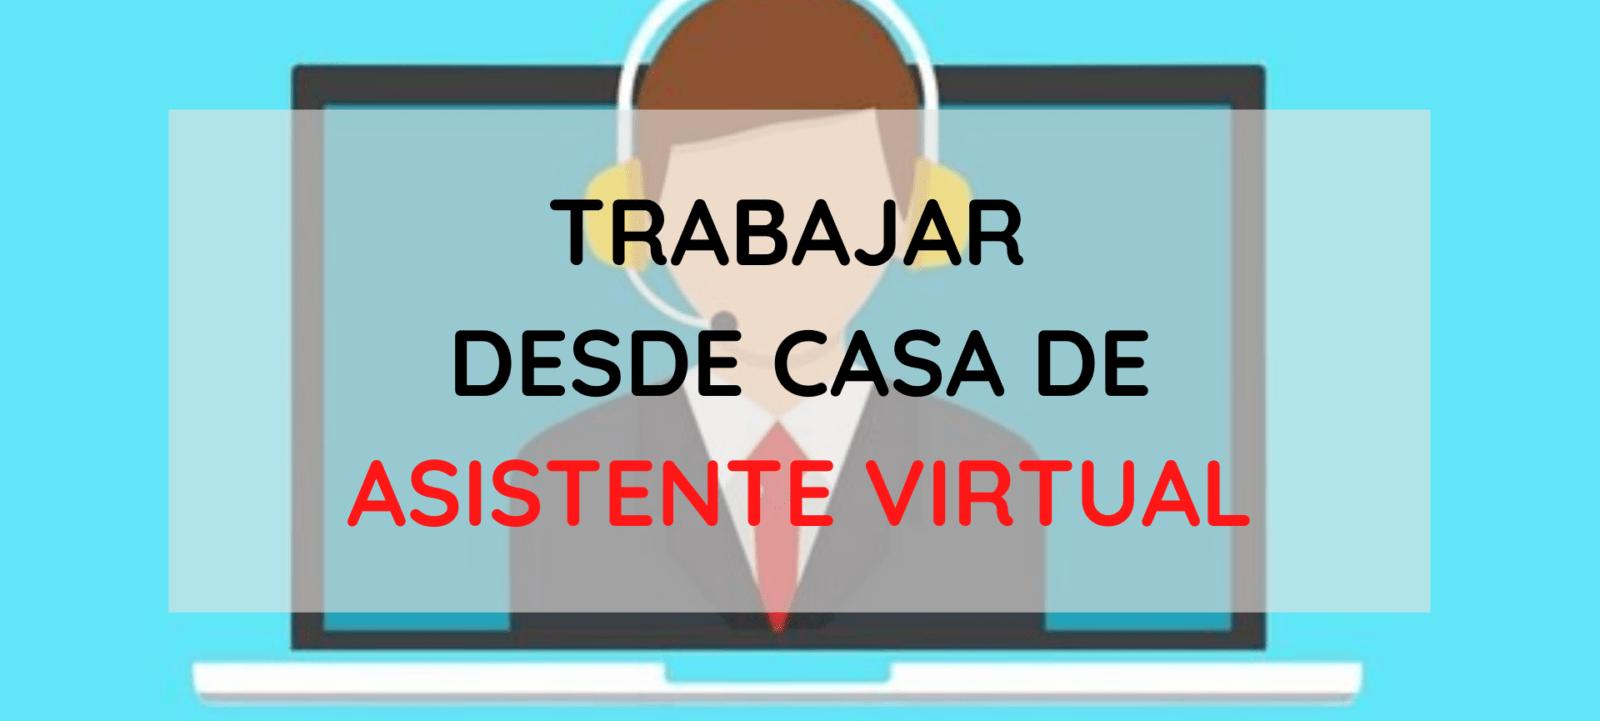 Trabajar desde casa de asistente virtual